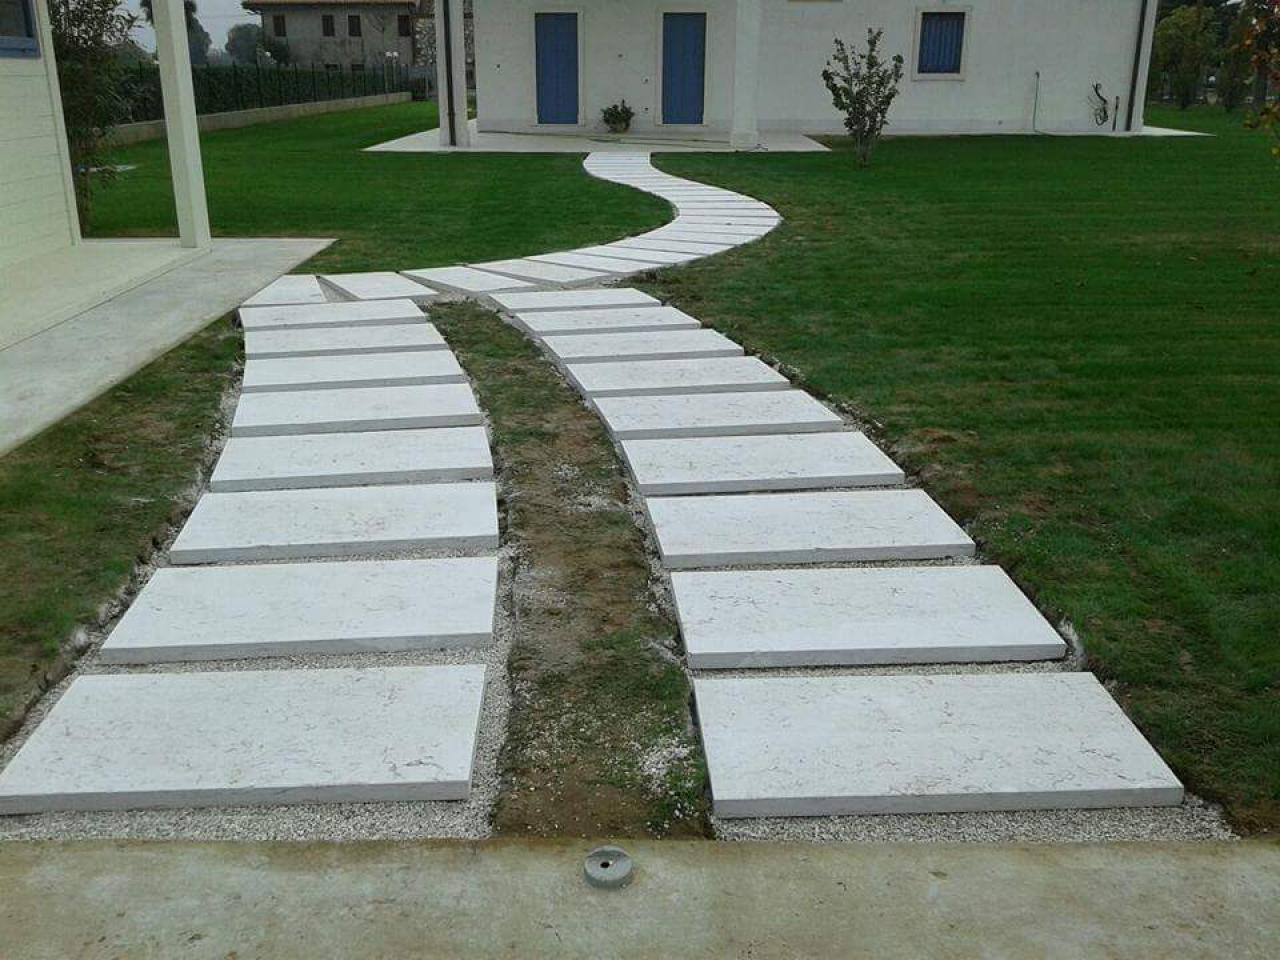 Pietra lessinia o prun vialetto in giardino realizzato da - Giardini in pietra ...